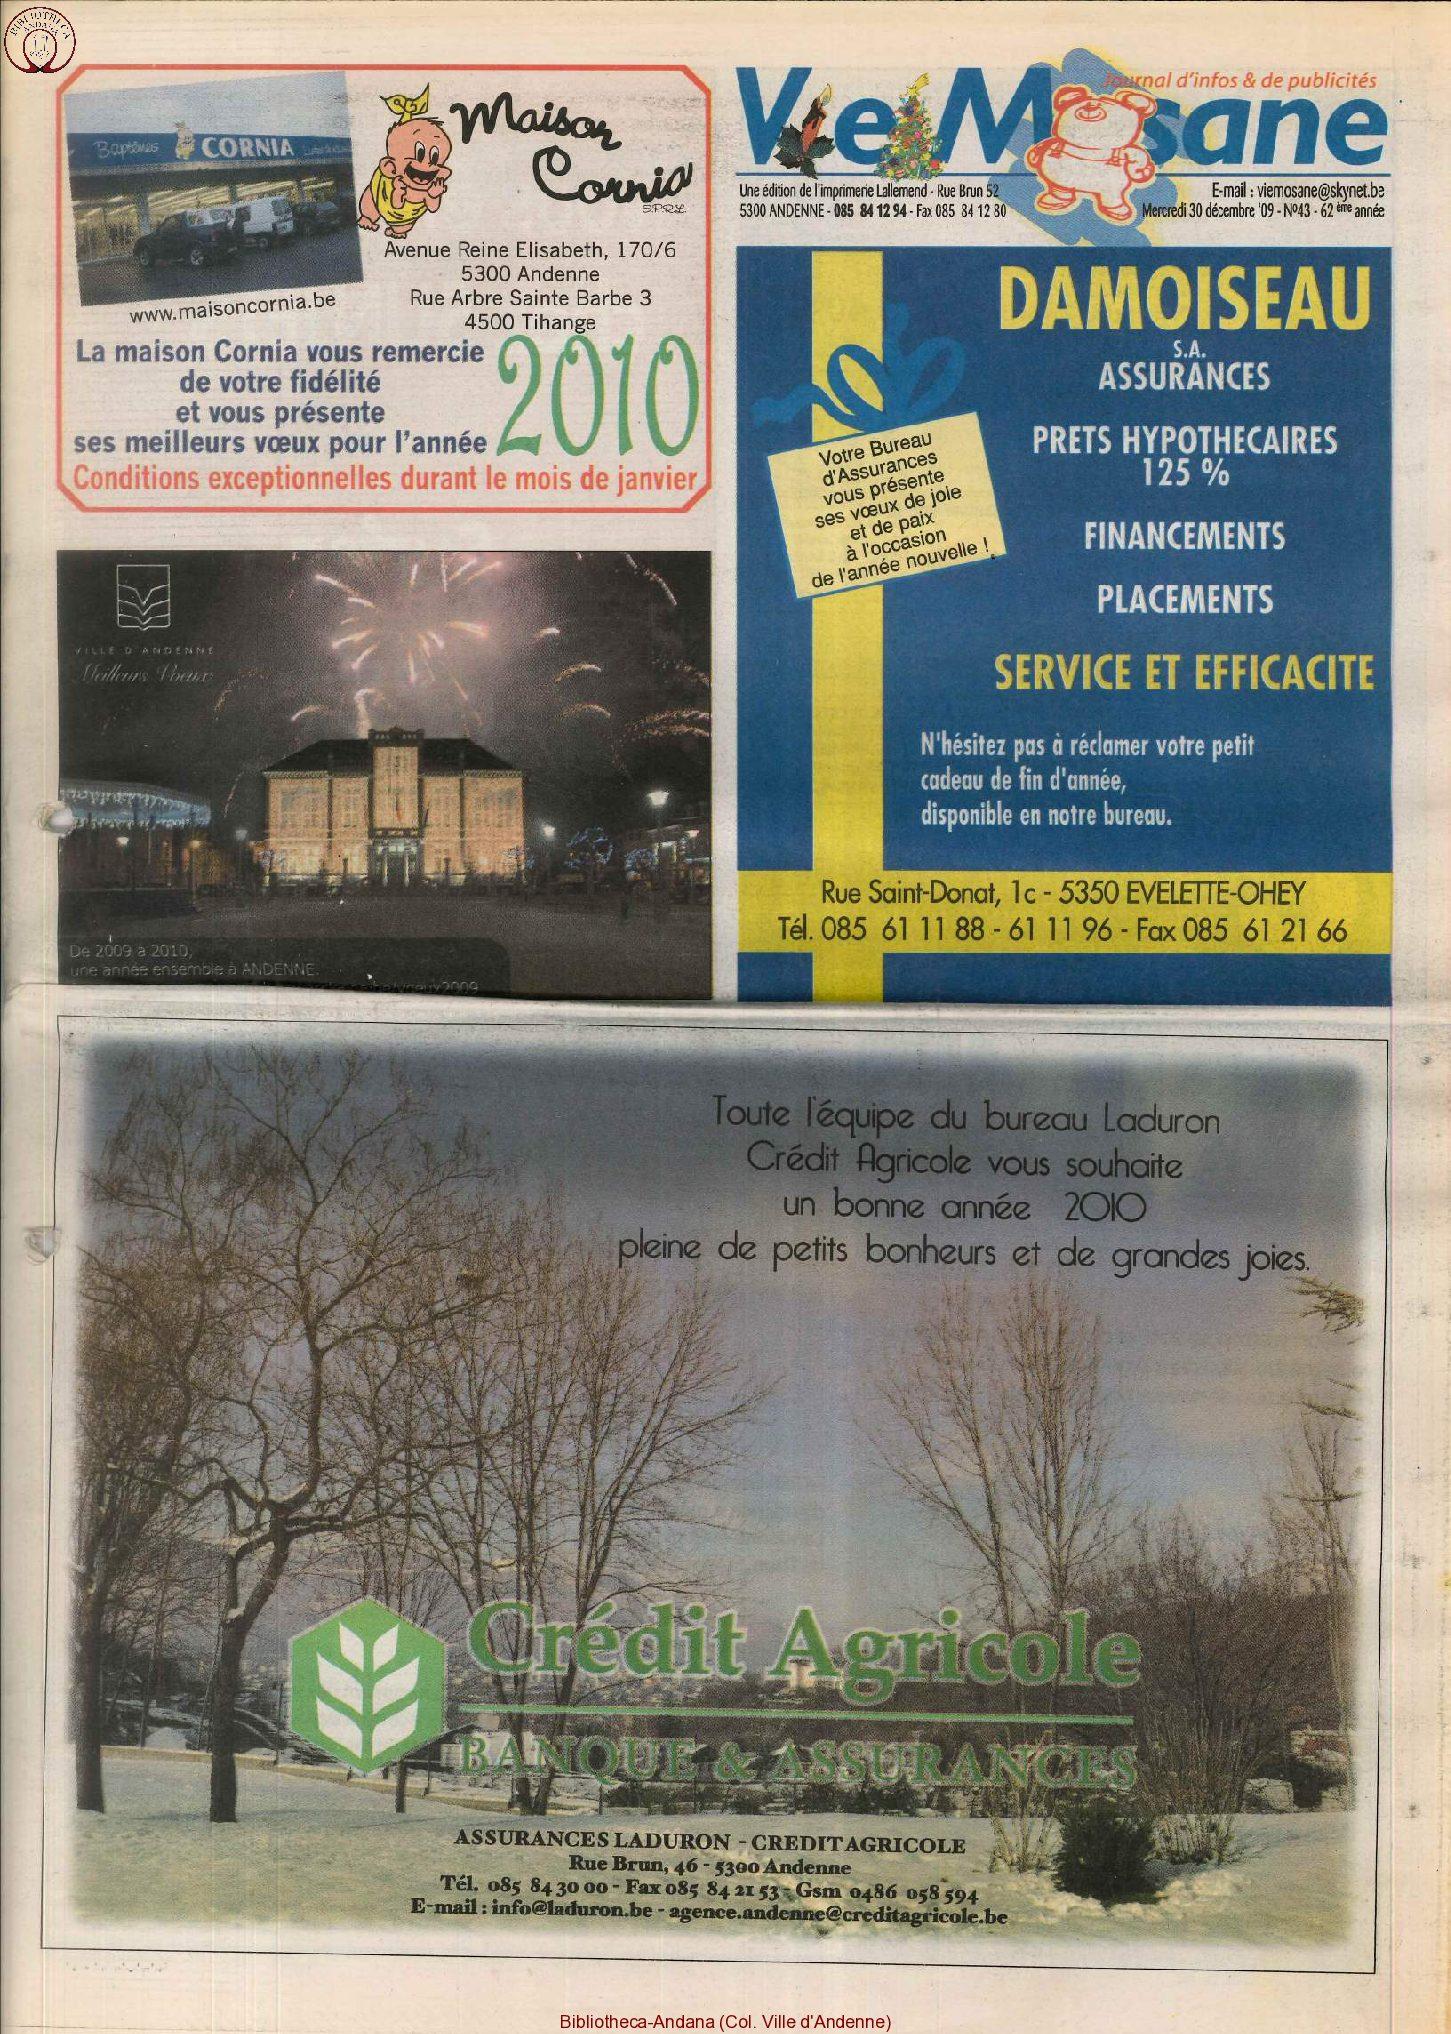 62e année - n°43 - 30 decembre 2009